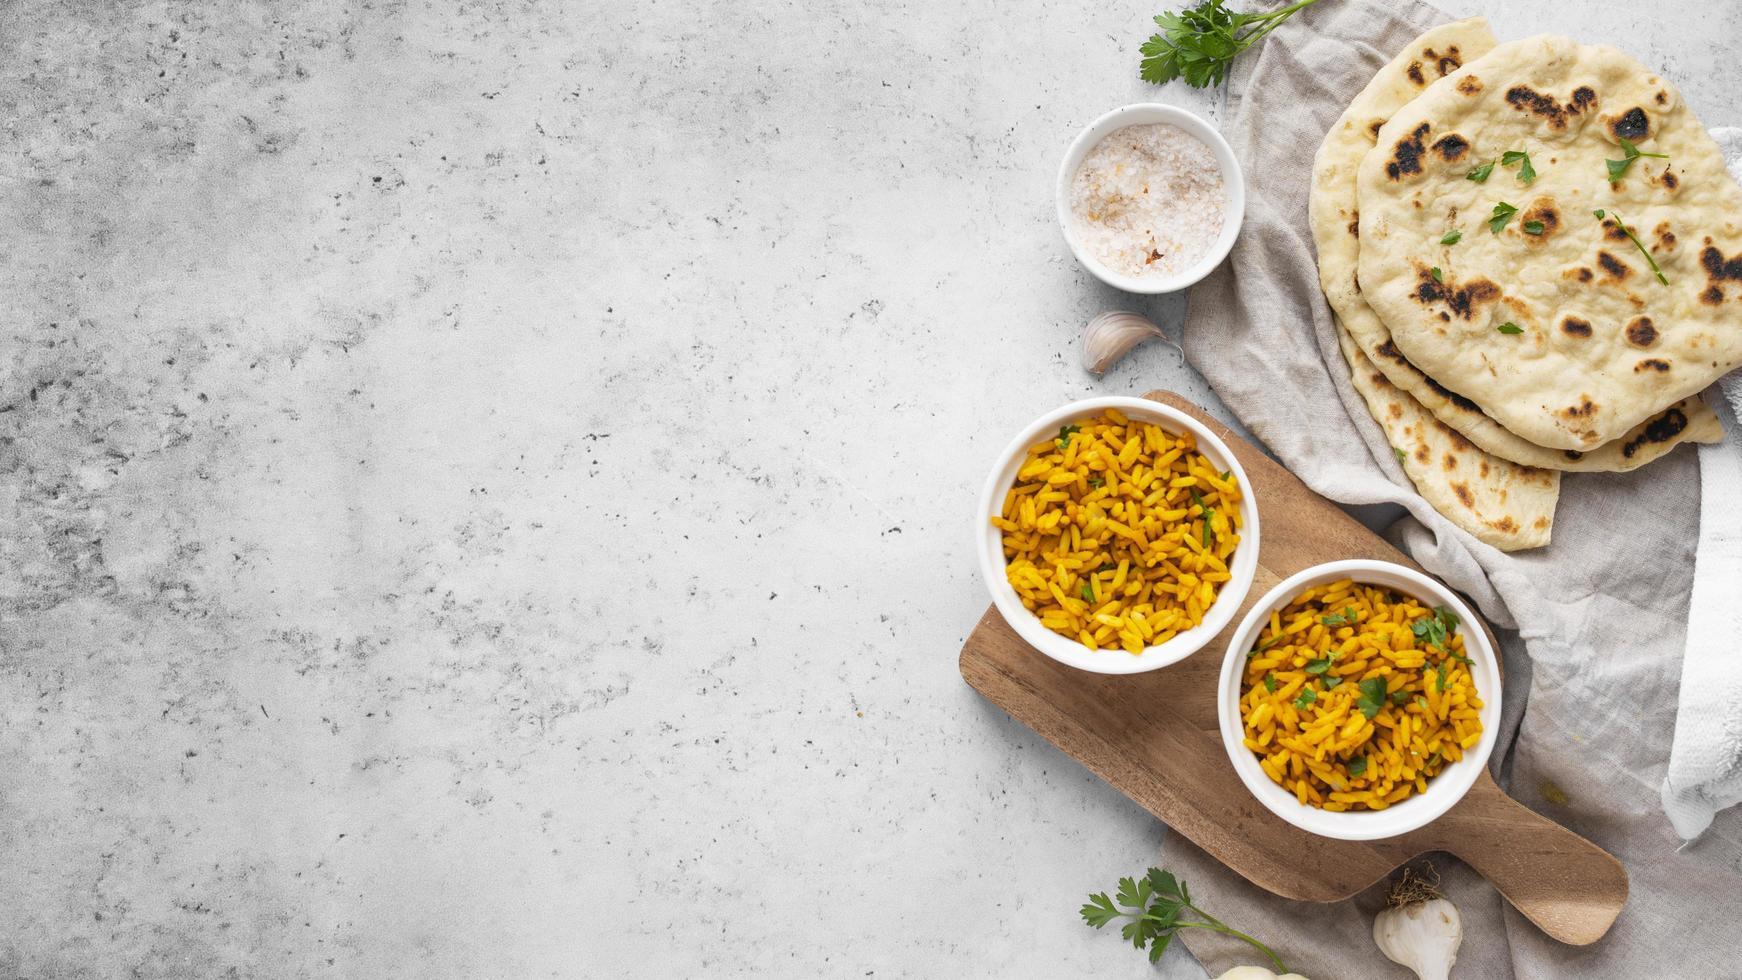 arreglo de arroz amarillo y pita foto